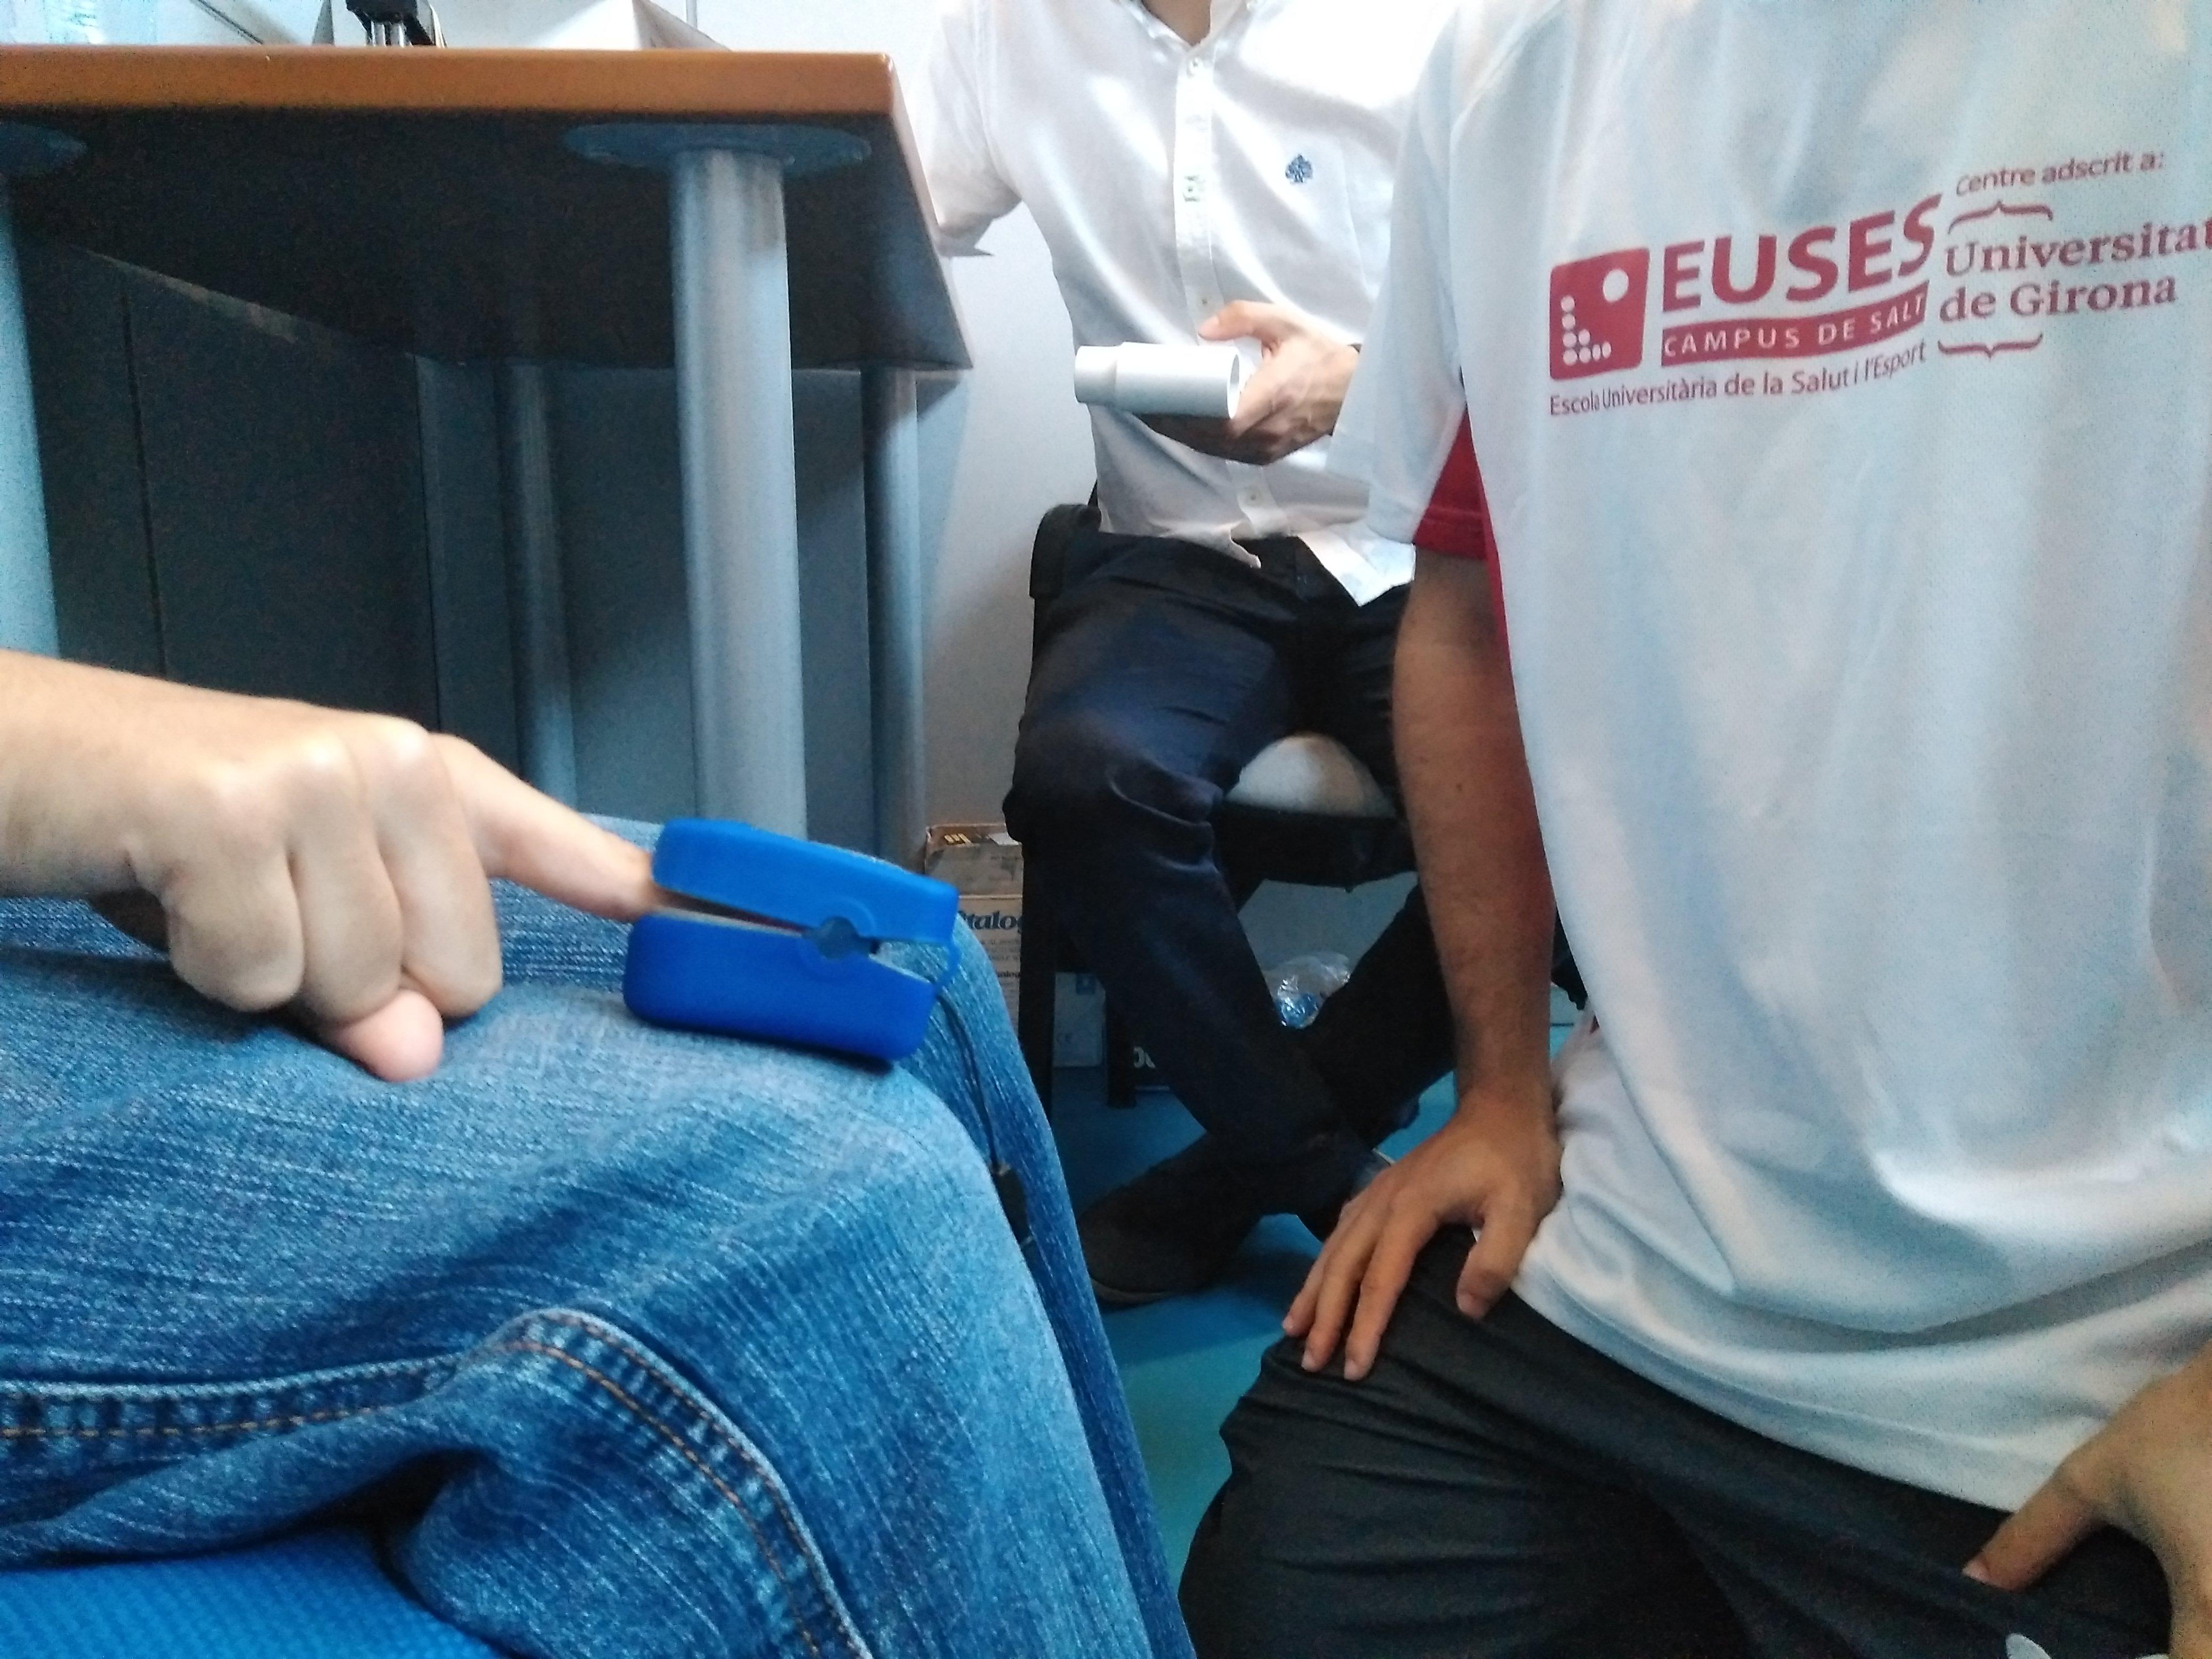 EUSES amplia el projecte PEHC amb una primera recollida de dades a 40 infants i joves amb paràlisi cerebral per a l'estudi de la millora de la seva qualitat de vida